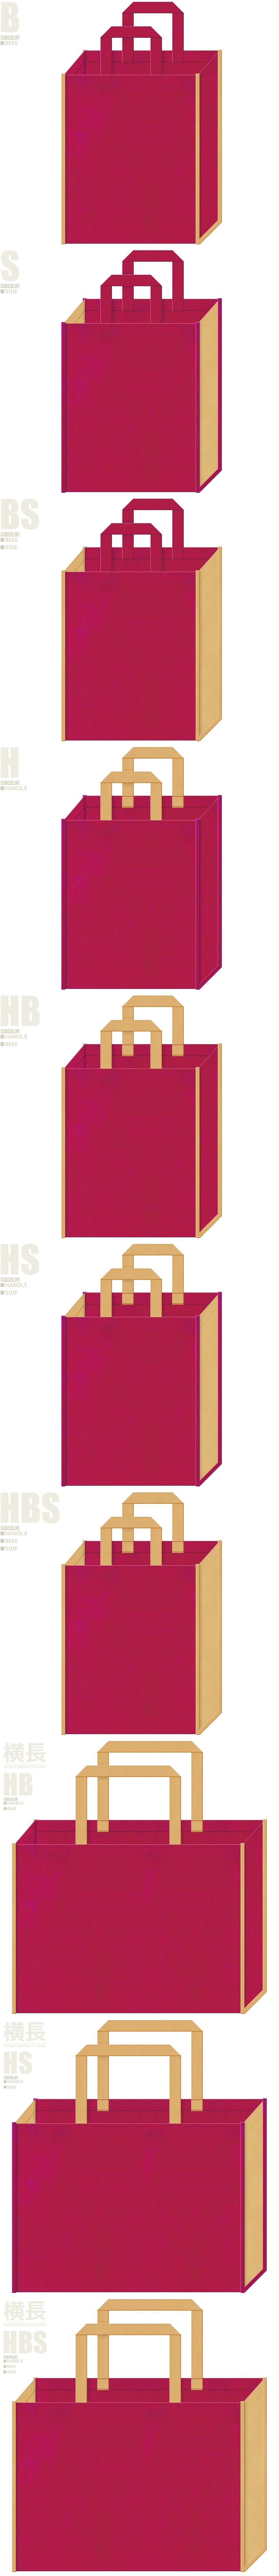 濃いピンク色と薄黄土色、7パターンの不織布トートバッグ配色デザイン例。サツマイモ系のイベント用不織布バッグにお奨めです。